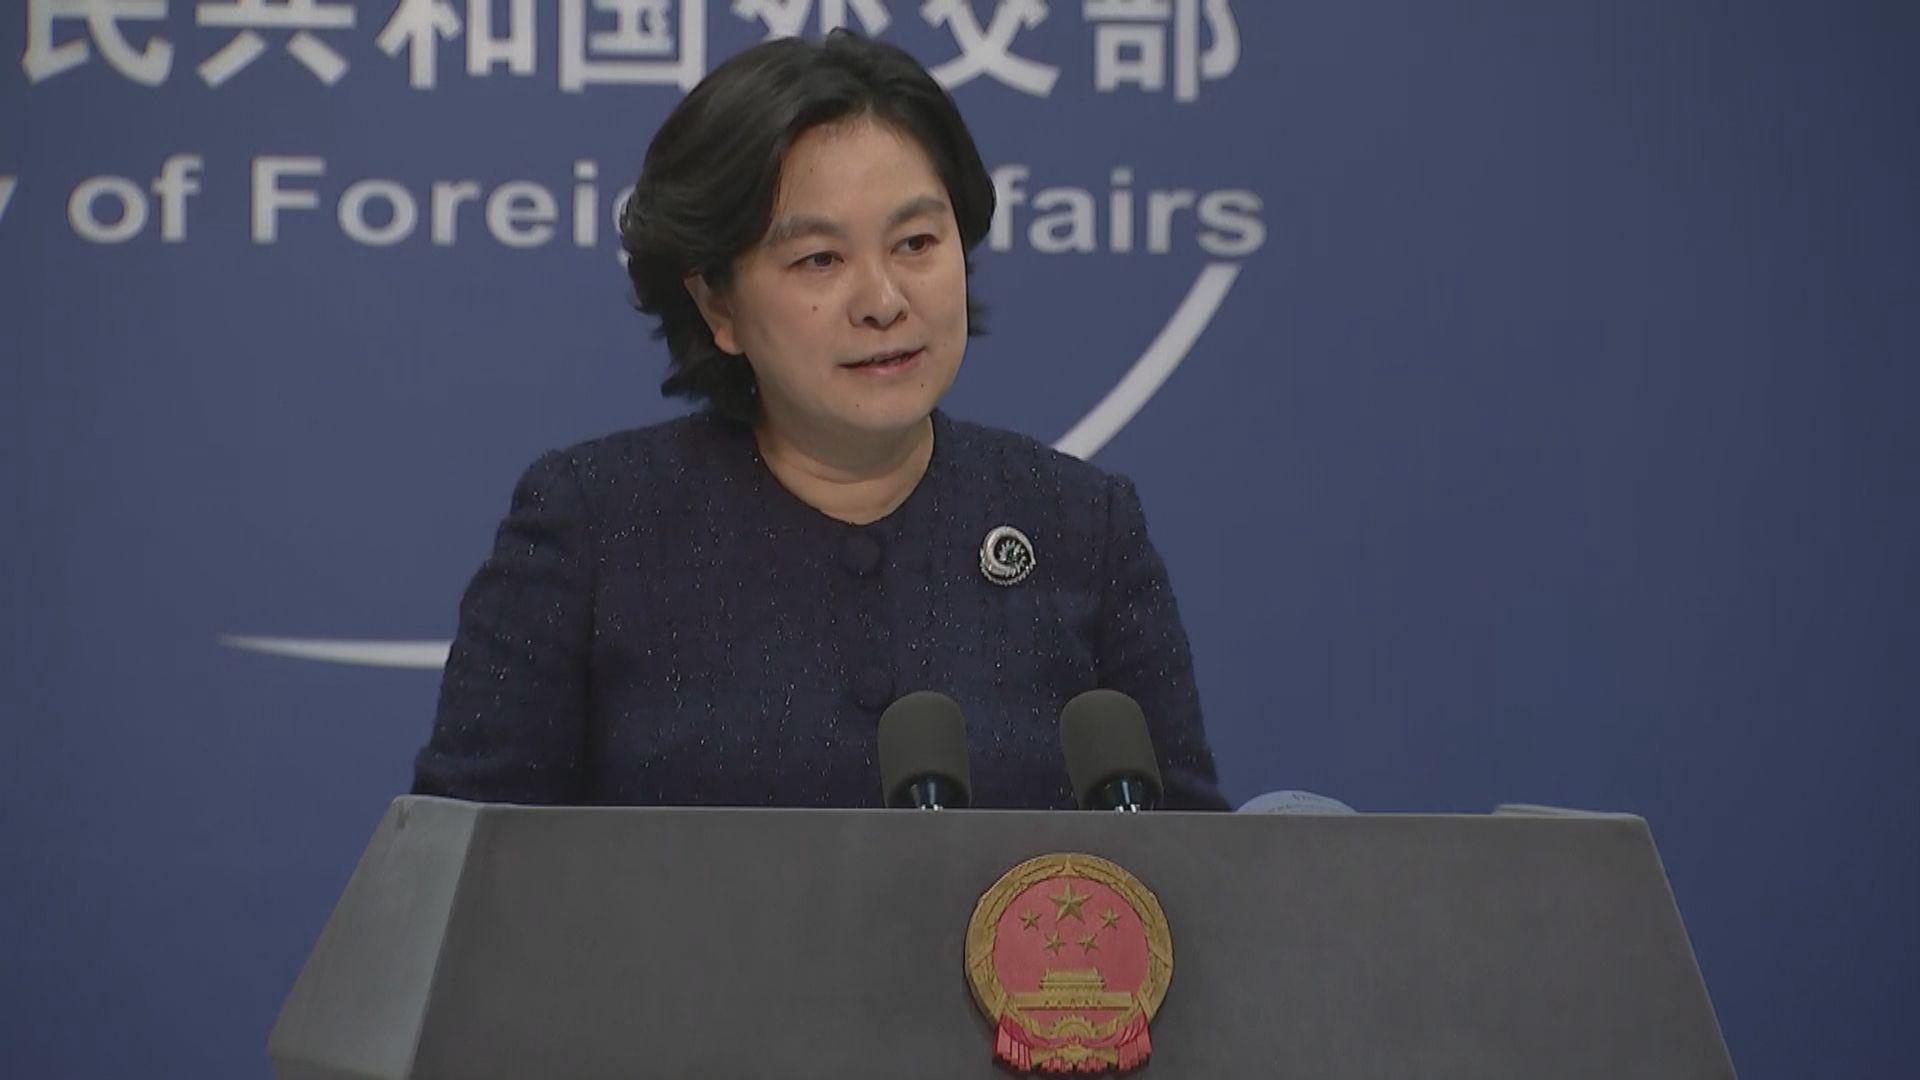 外交部:美媒對香港及美國示威用詞截然不同令人深思